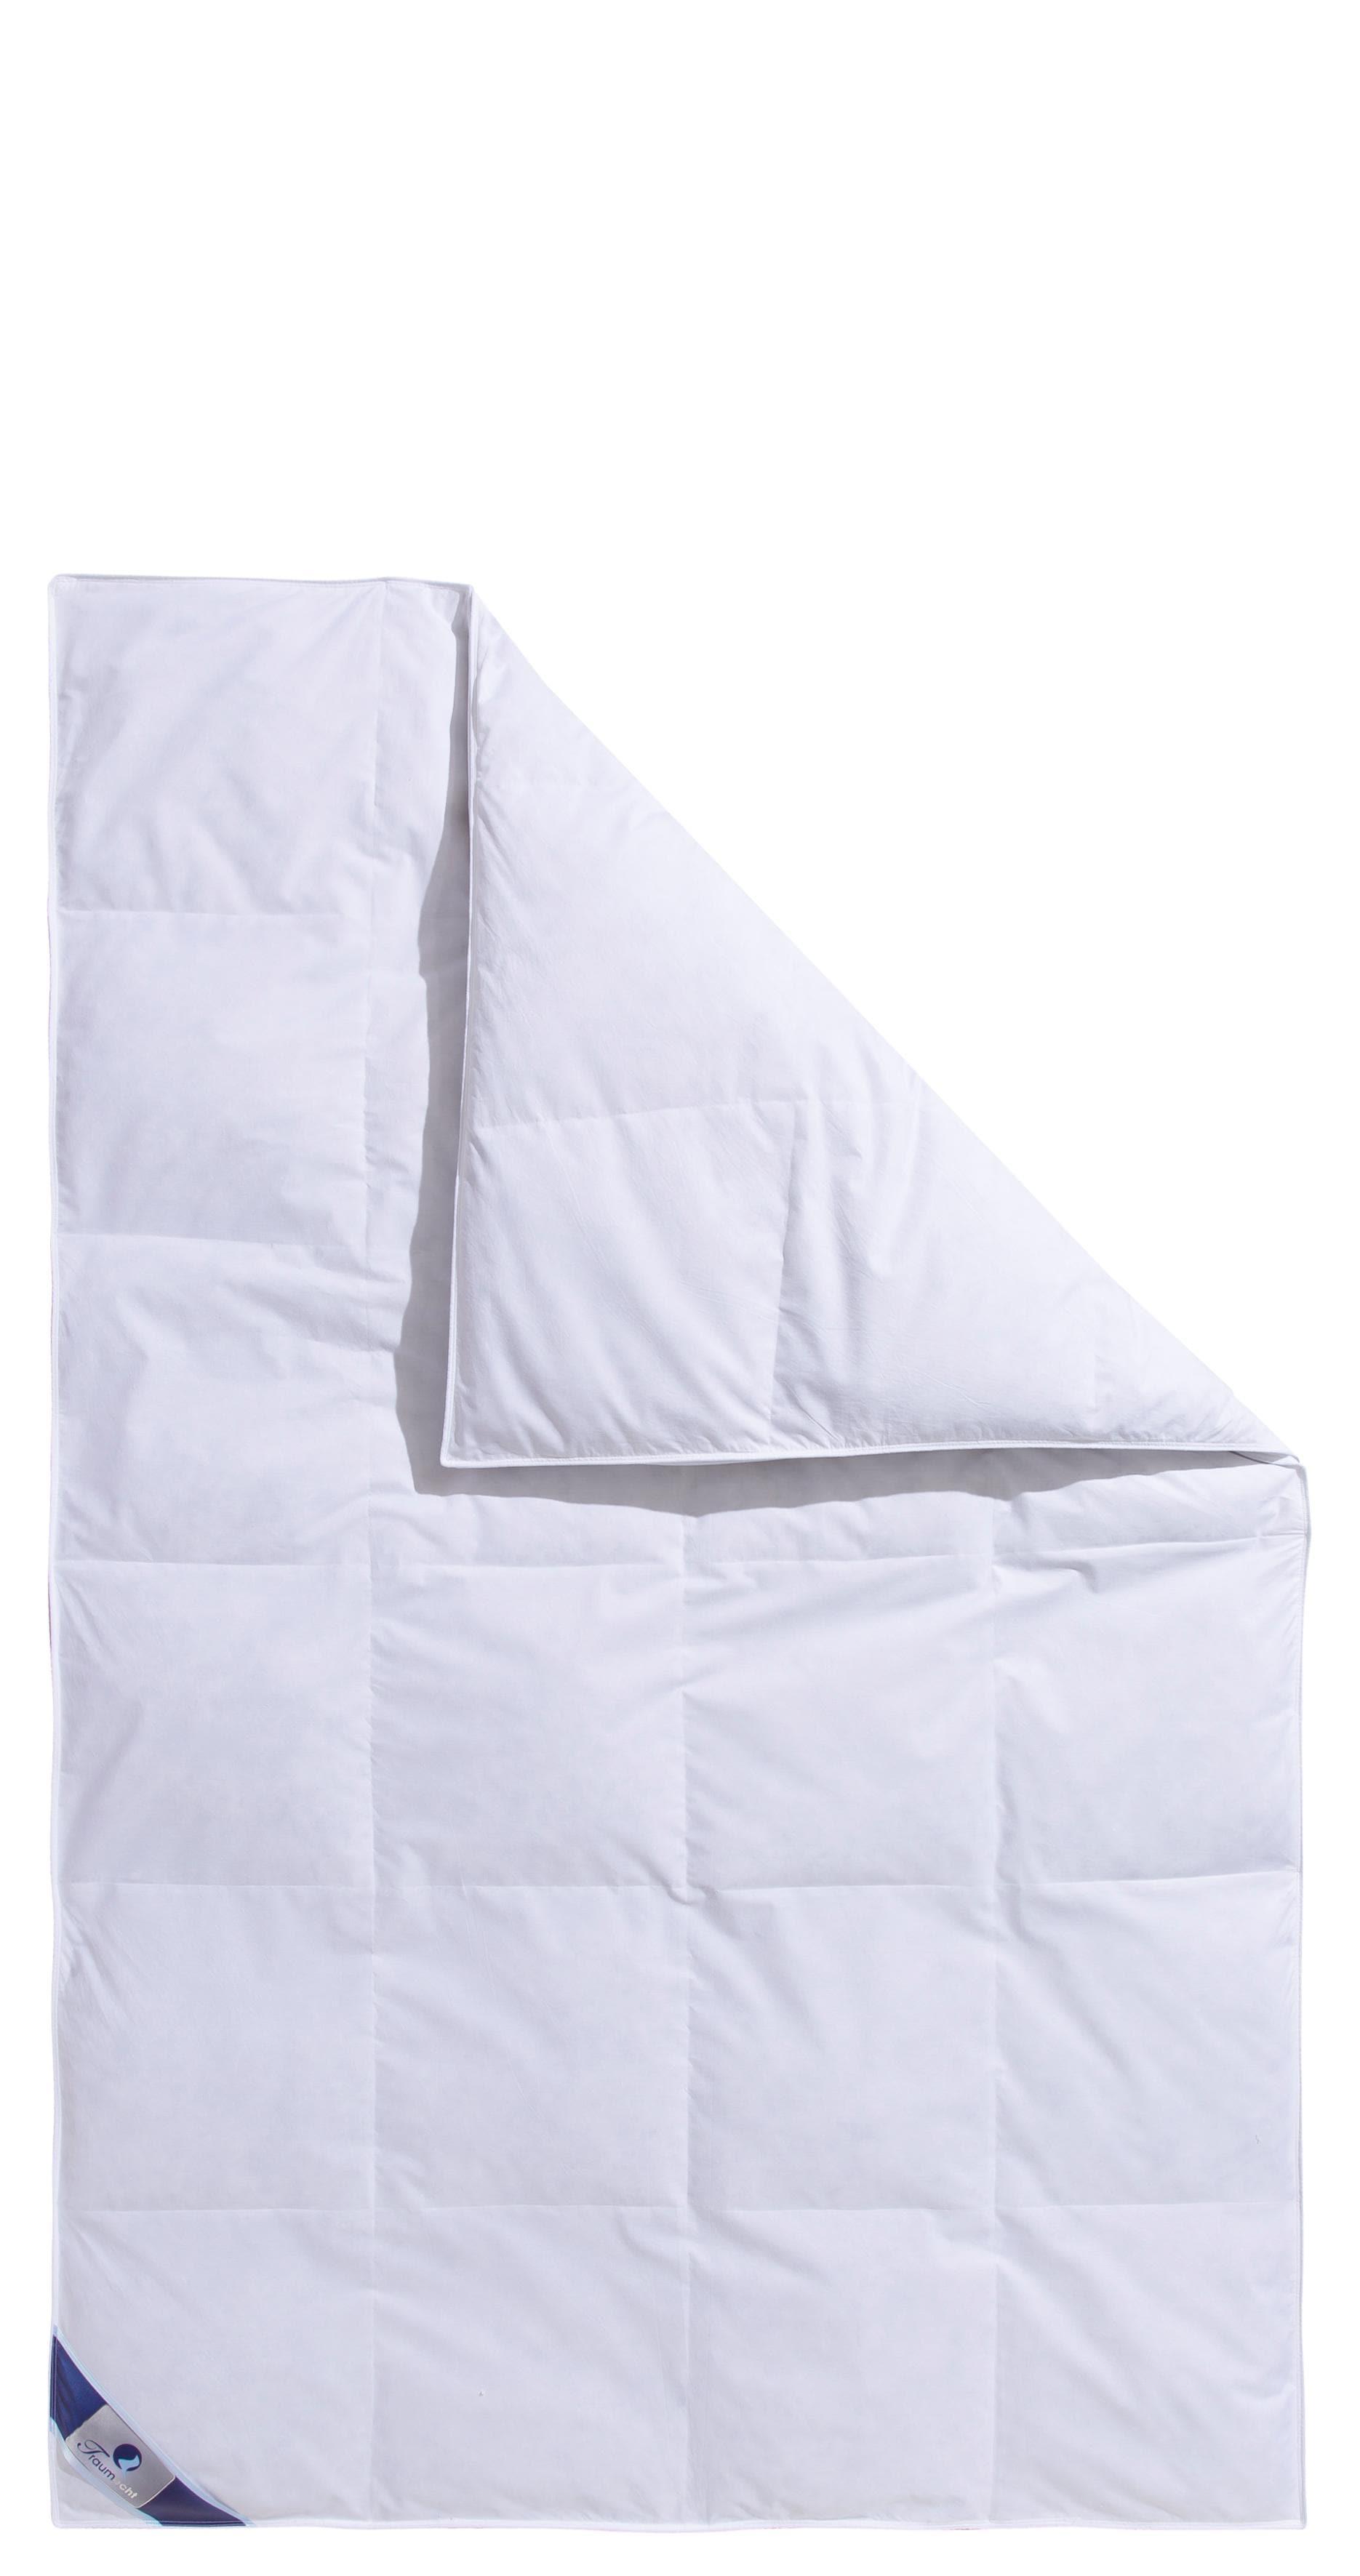 Daunenbettdecke David Traumecht extrawarm Füllung: 100% Federn Bezug: 100% Baumwolle